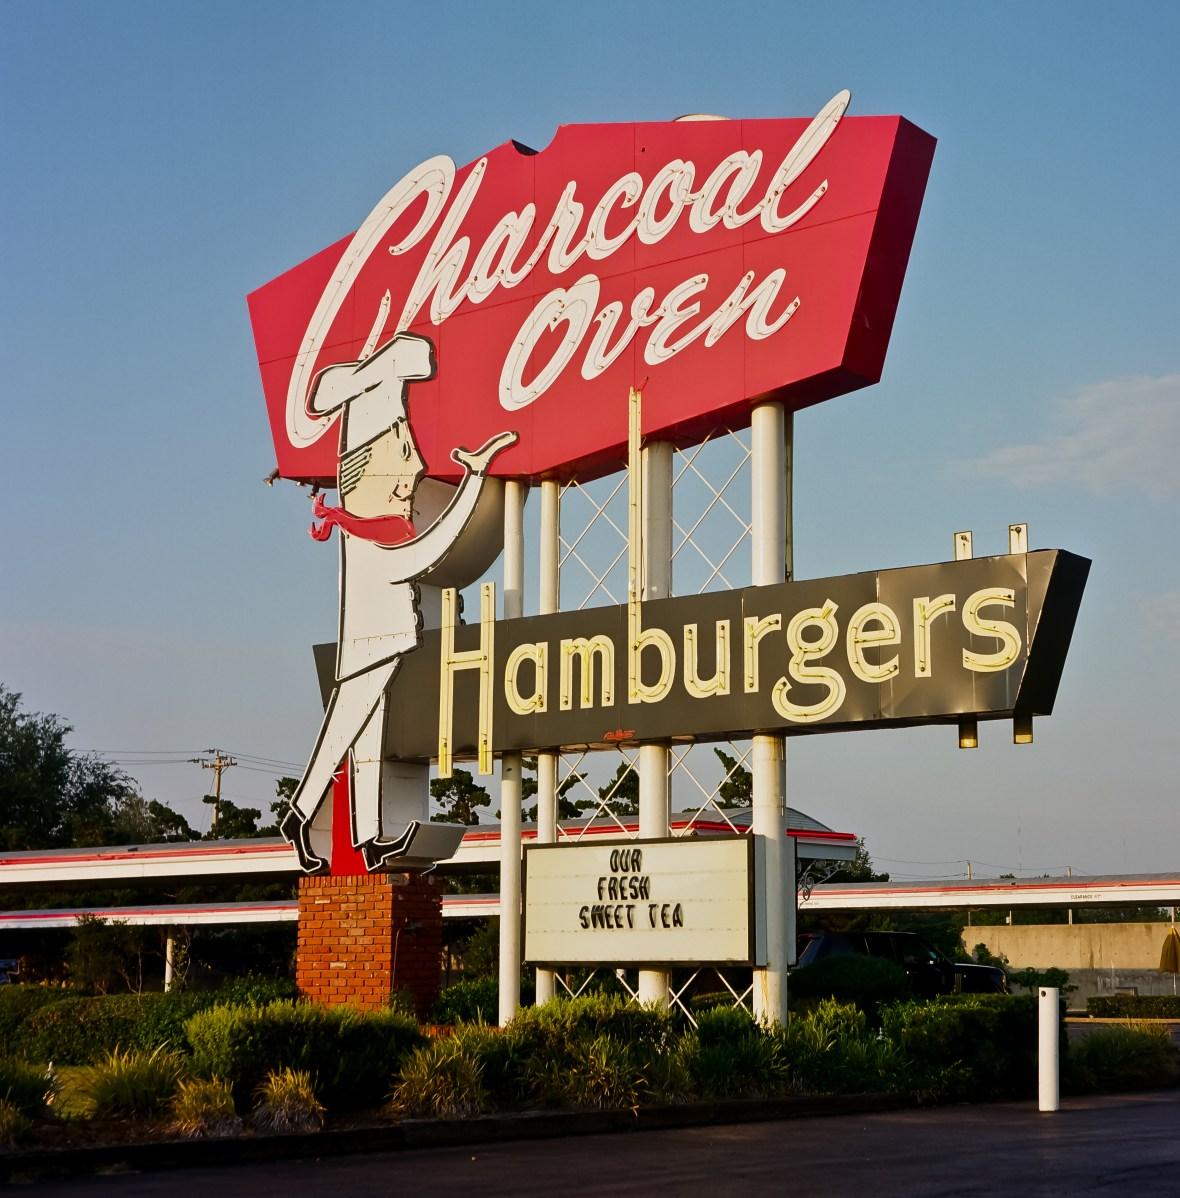 Charcoal Oven Hamburgers - Oklahoma City, Oklahoma U.S.A. - September 29, 2011